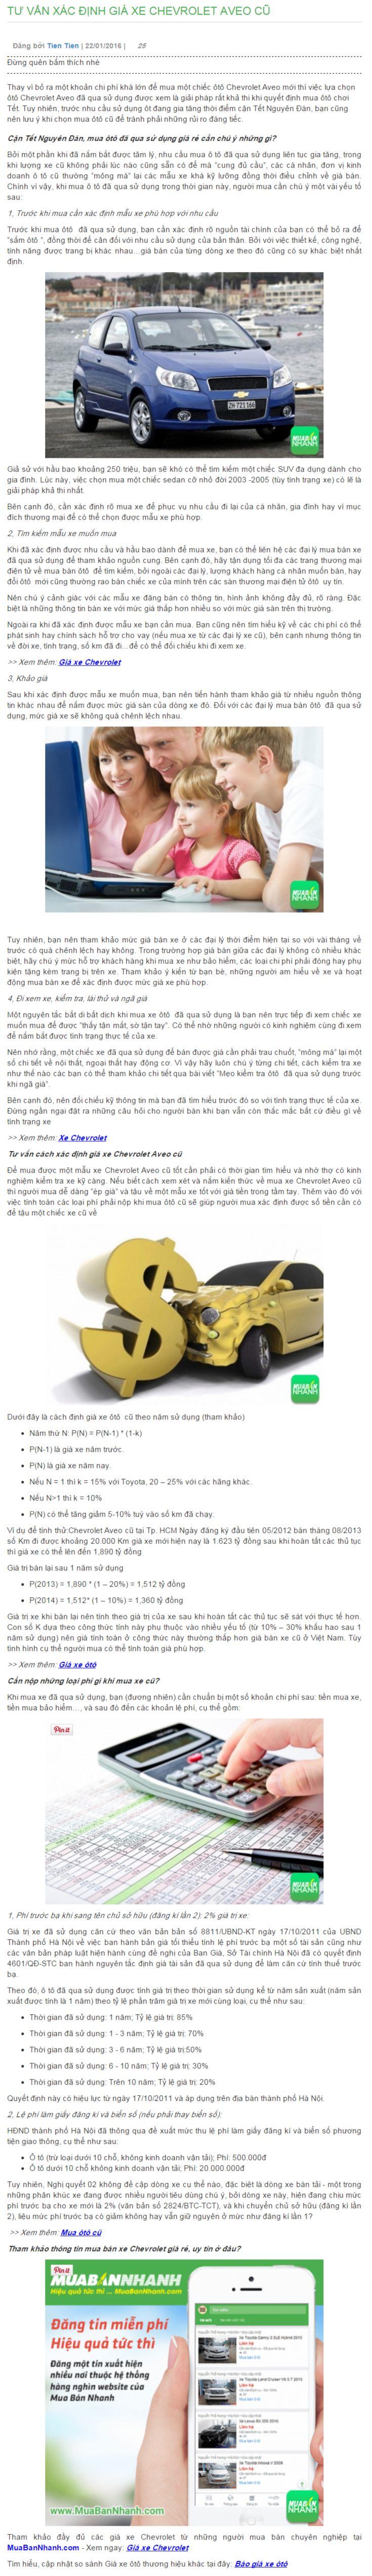 Tư vấn xác định giá xe Chevrolet Aveo cũ Tham khảo đầy đủ các giá xe Chevrolet từ những người mua bán chuyên nghiệp tại MuaBanNhanh.com: https://muabannhanh.com/tag/xe-oto-chevrolet